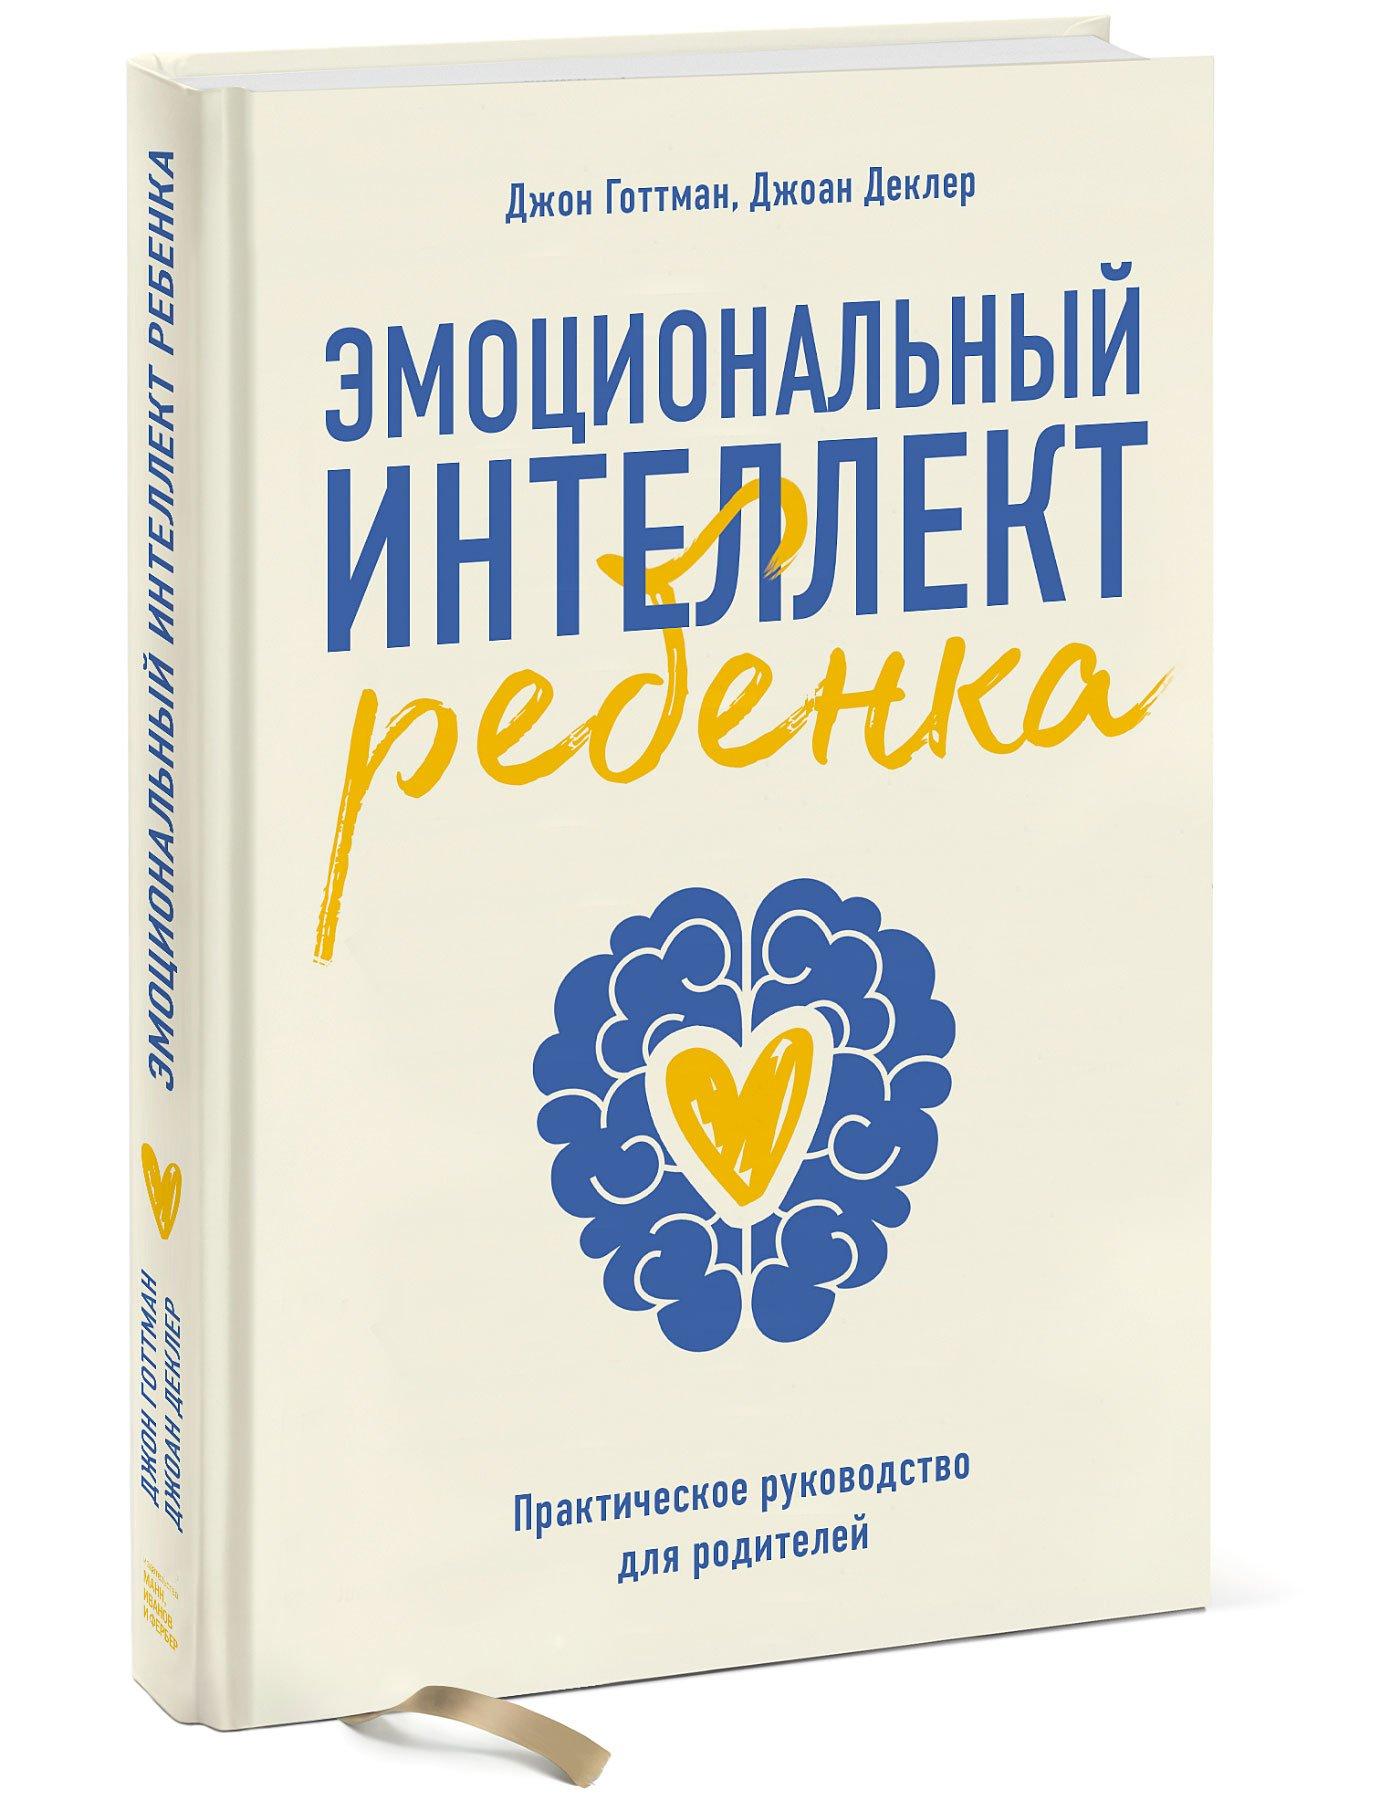 Эмоциональный интеллект ребенка. Практическое руководство для родителей (Новая обл) ( Готтман Джон  )